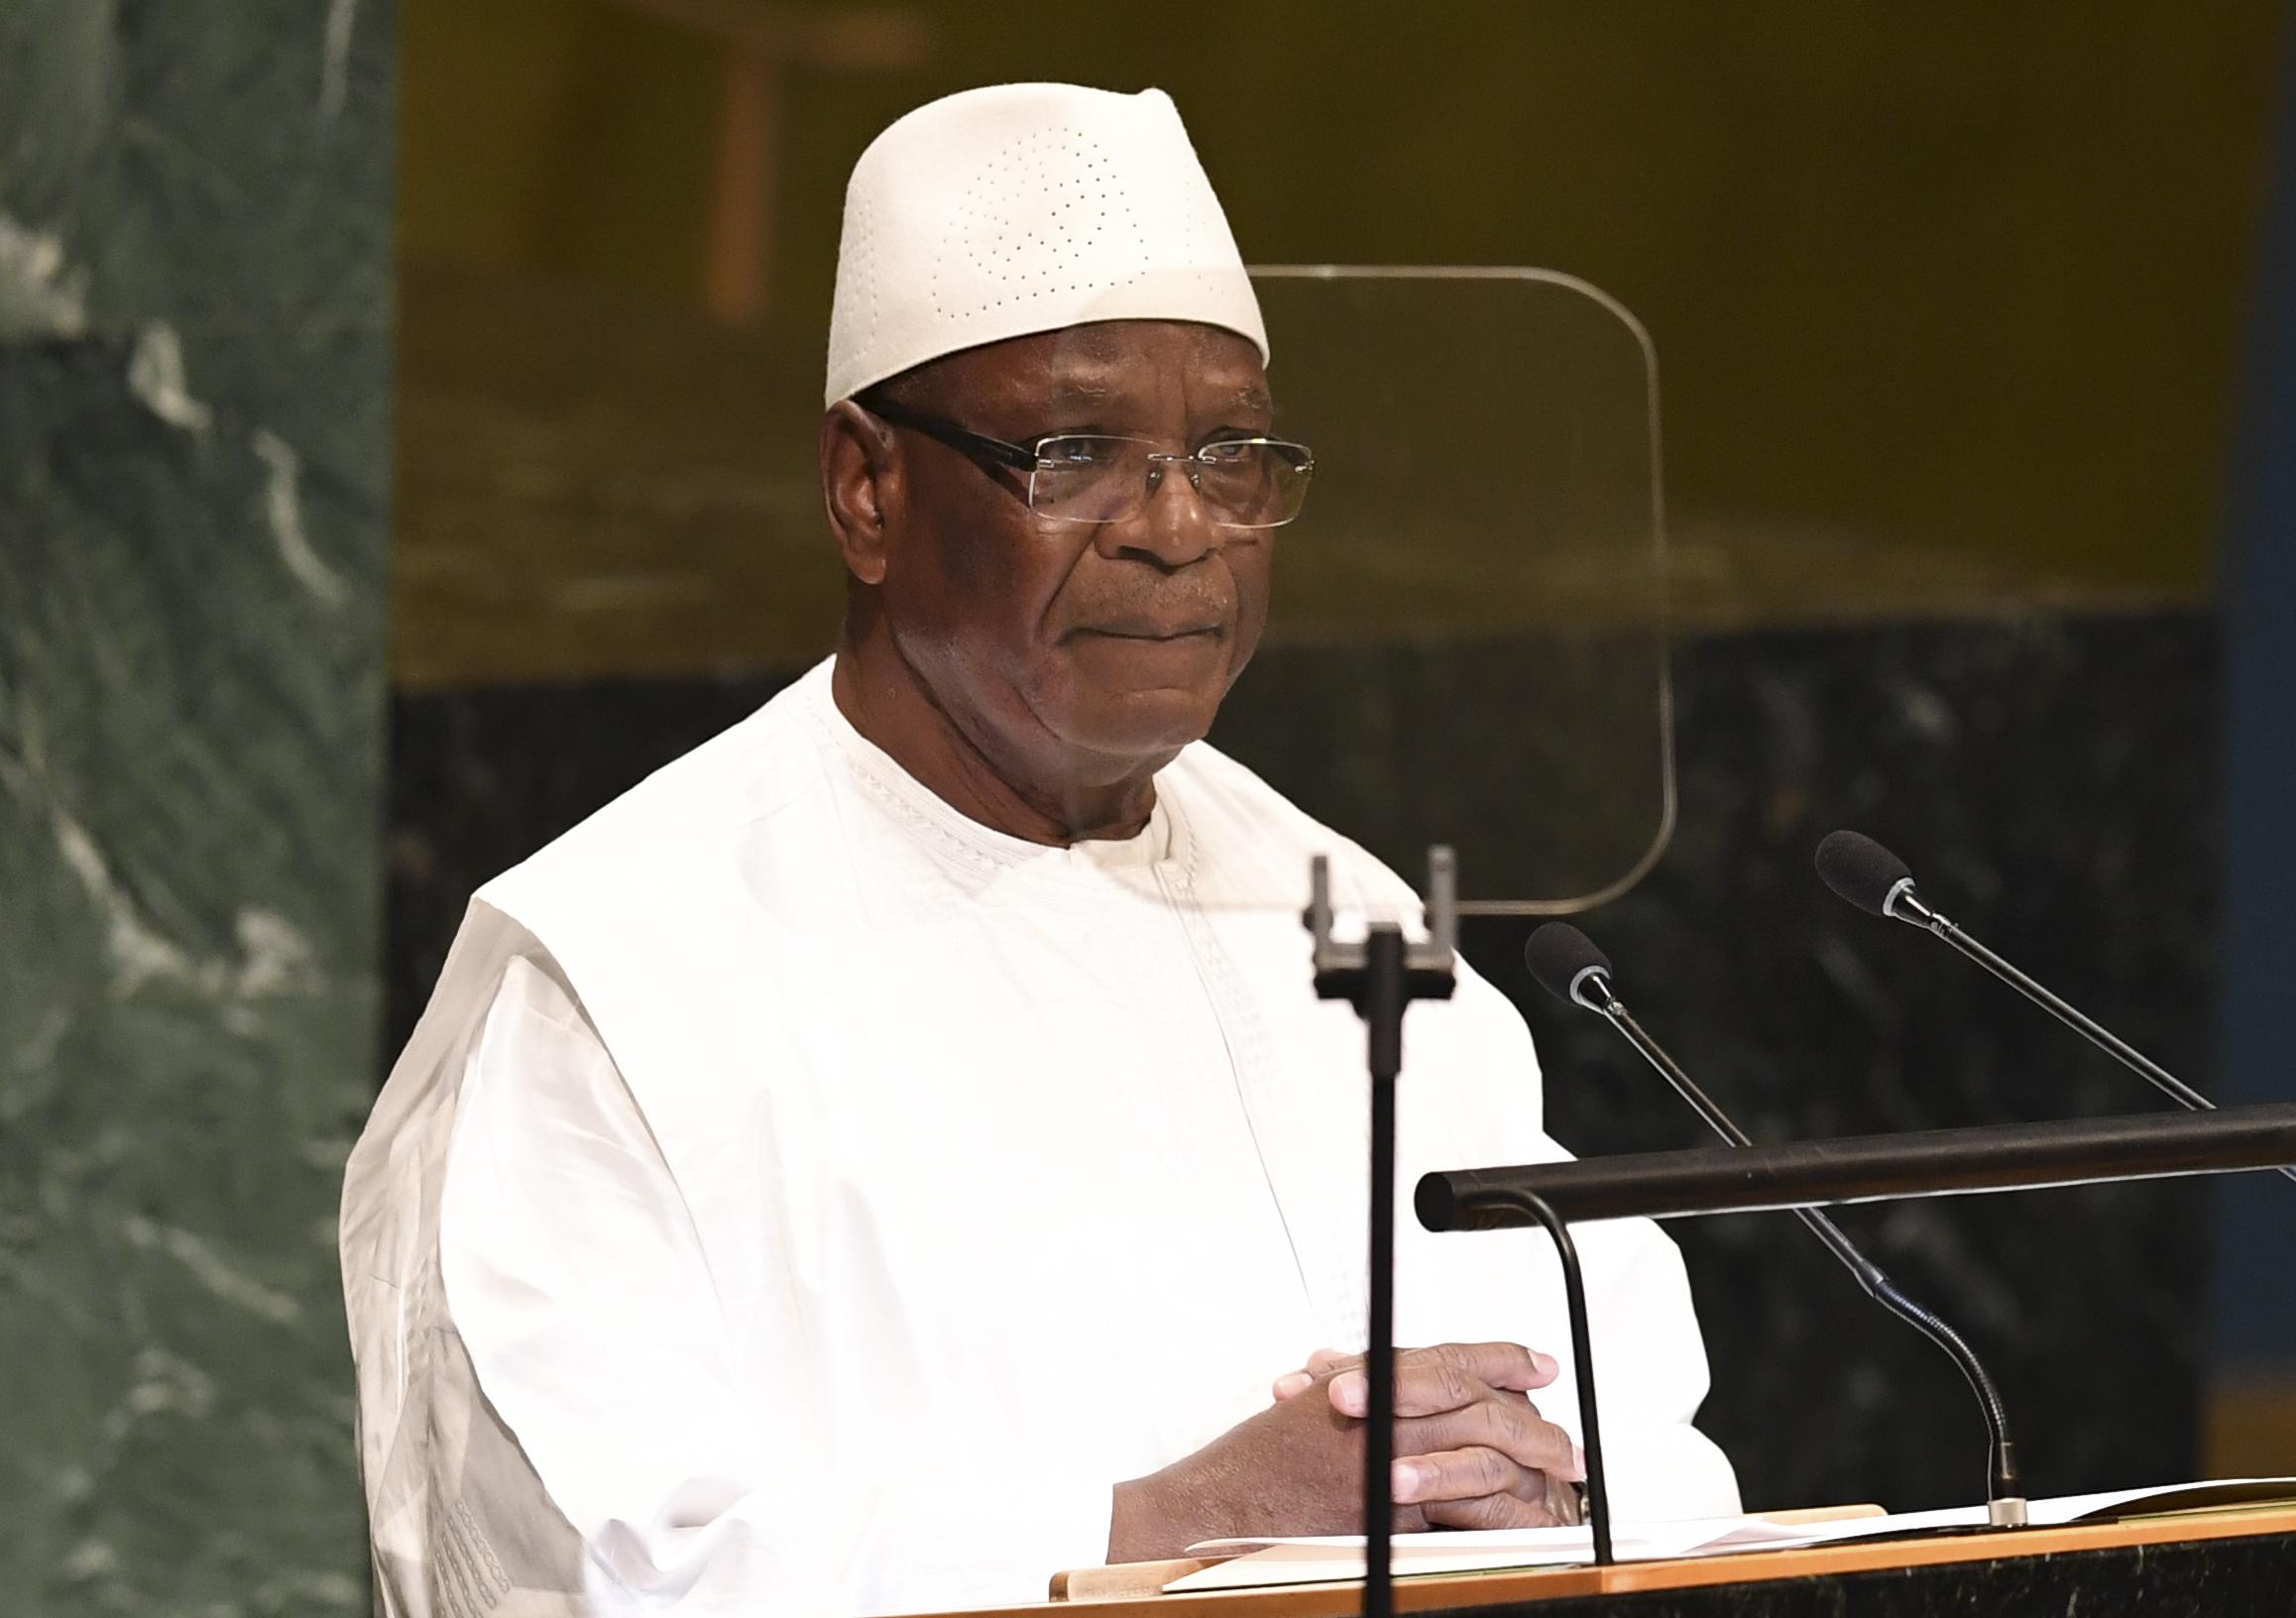 Lemondott Mali elnöke, miután a hadsereg őrizetbe vette